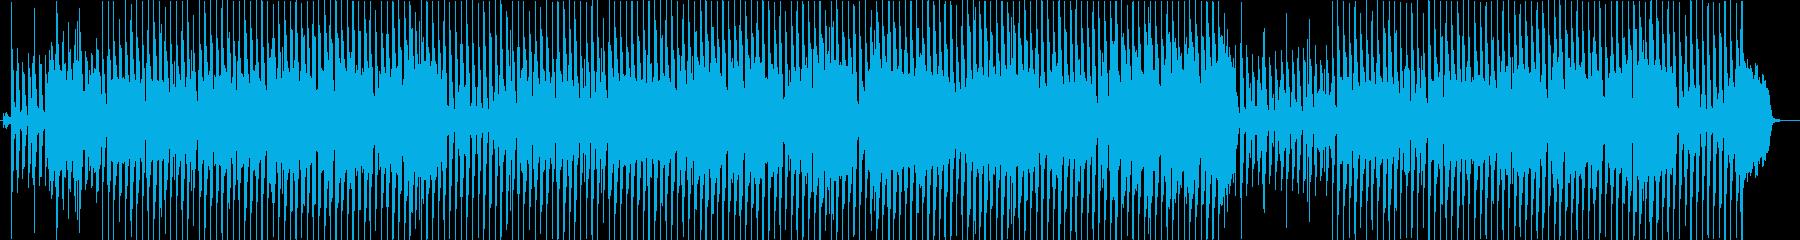 トランペットが奏でる軽快なBGMの再生済みの波形